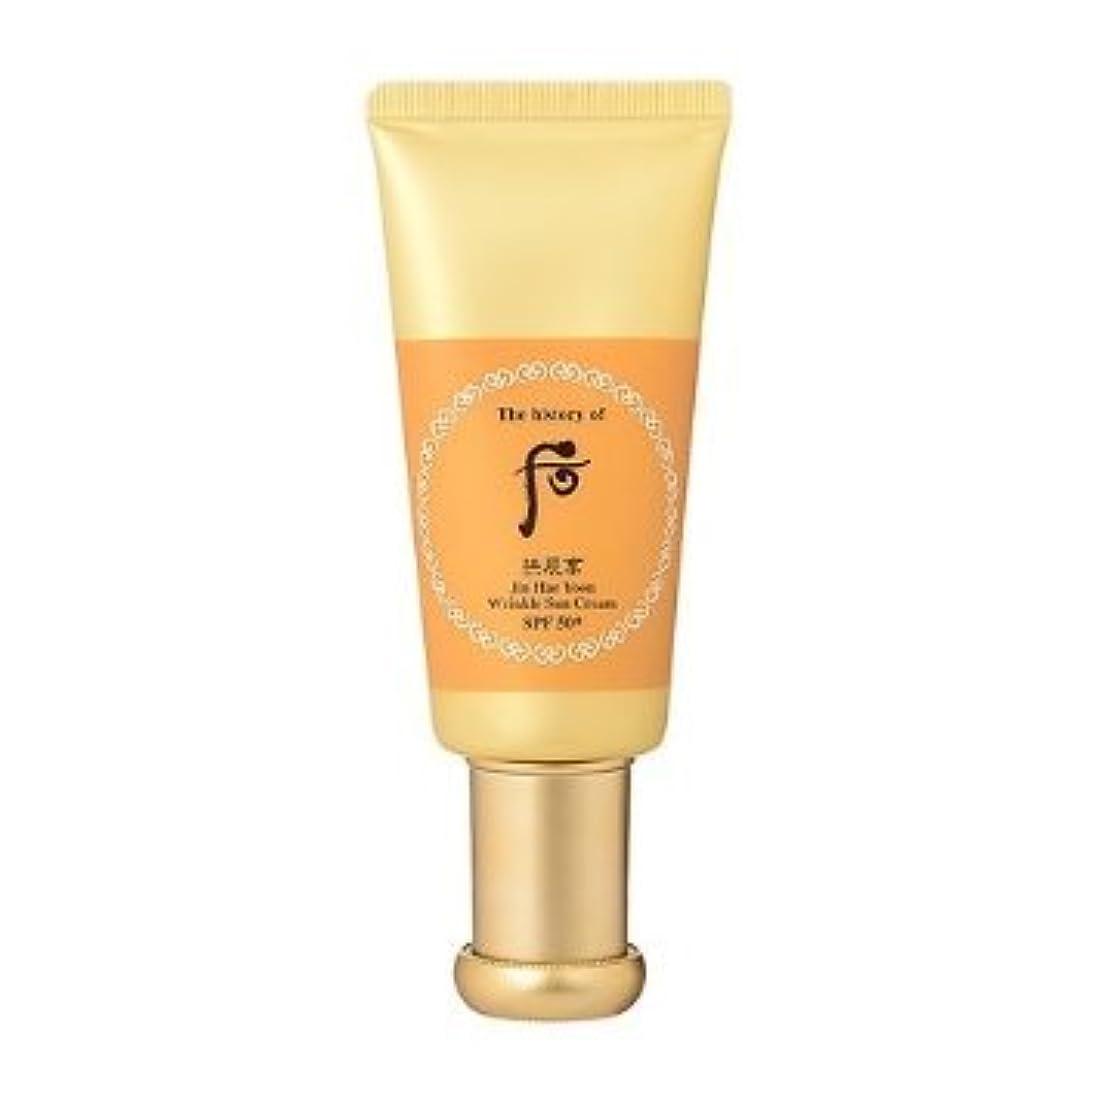 候補者褐色創傷The History of Whoo Gongjinhyang Jin Hae Yoon Wrinkle Sun Cream(spf5-+ Pa+++) 50ml(SPF50+, PA+++) 15g x 2ea[行輸入品]